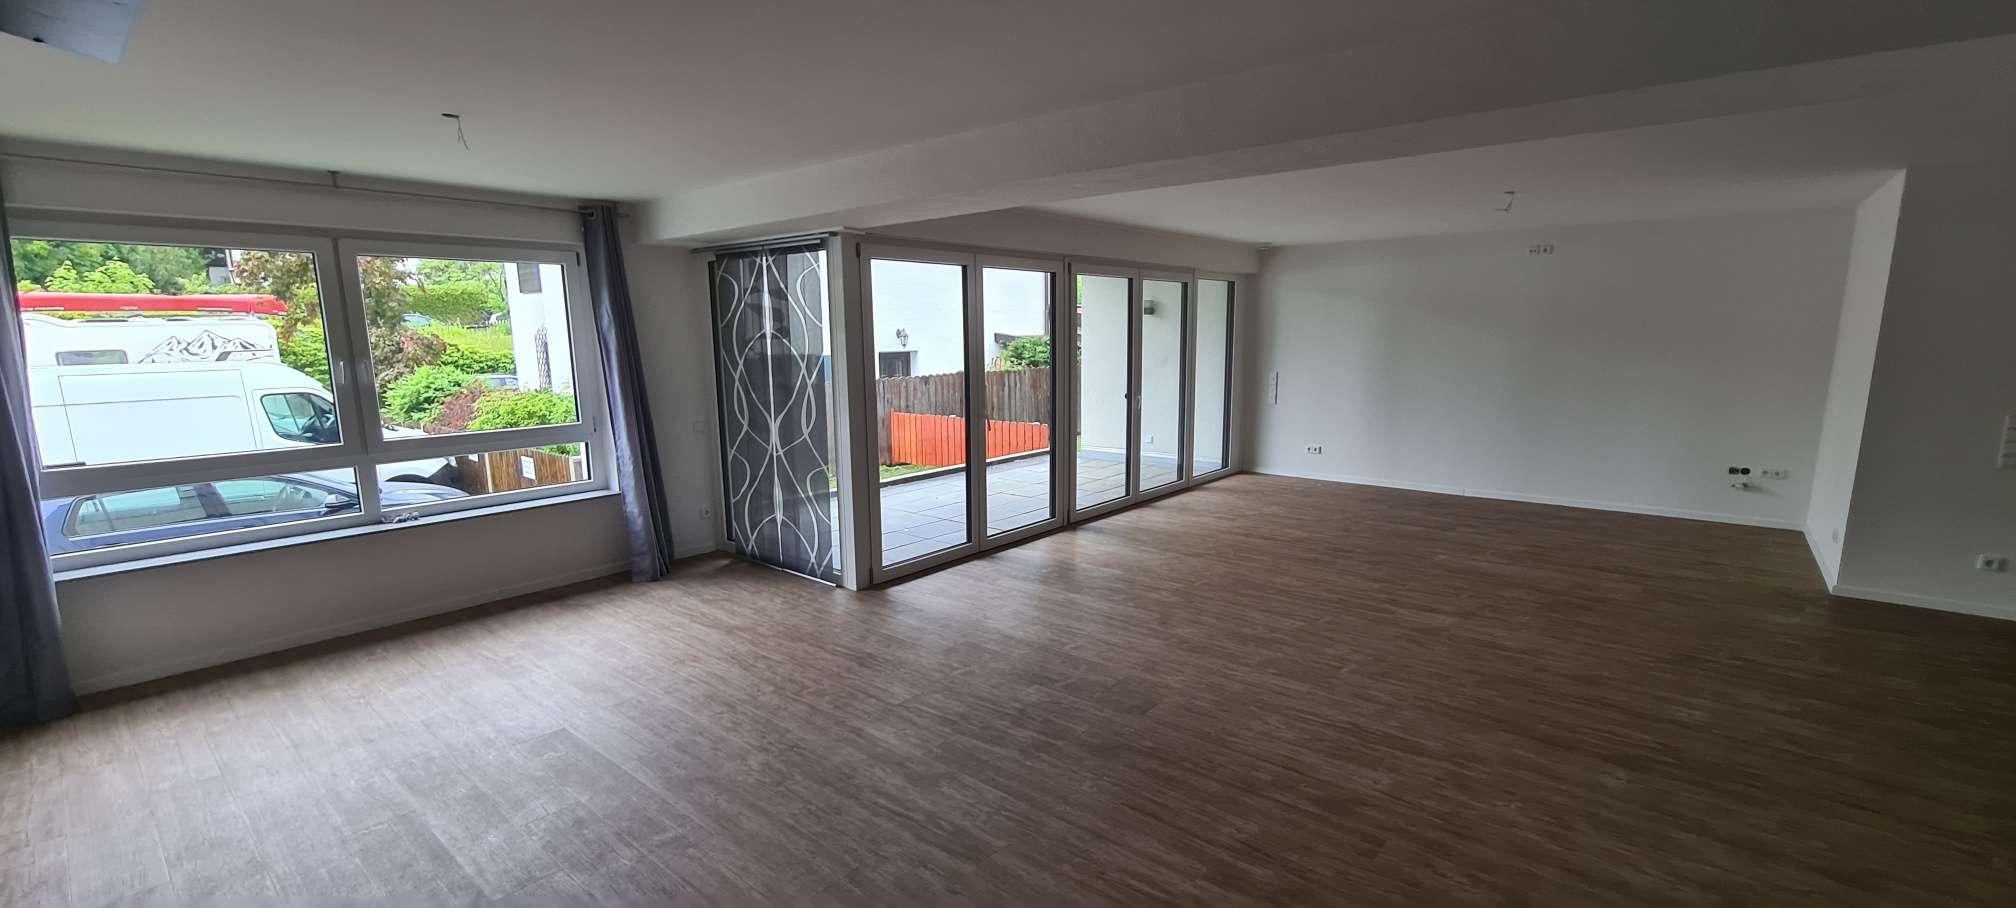 Schöne neuwertige 3-Zimmerwohnung in ruhiger Lage in